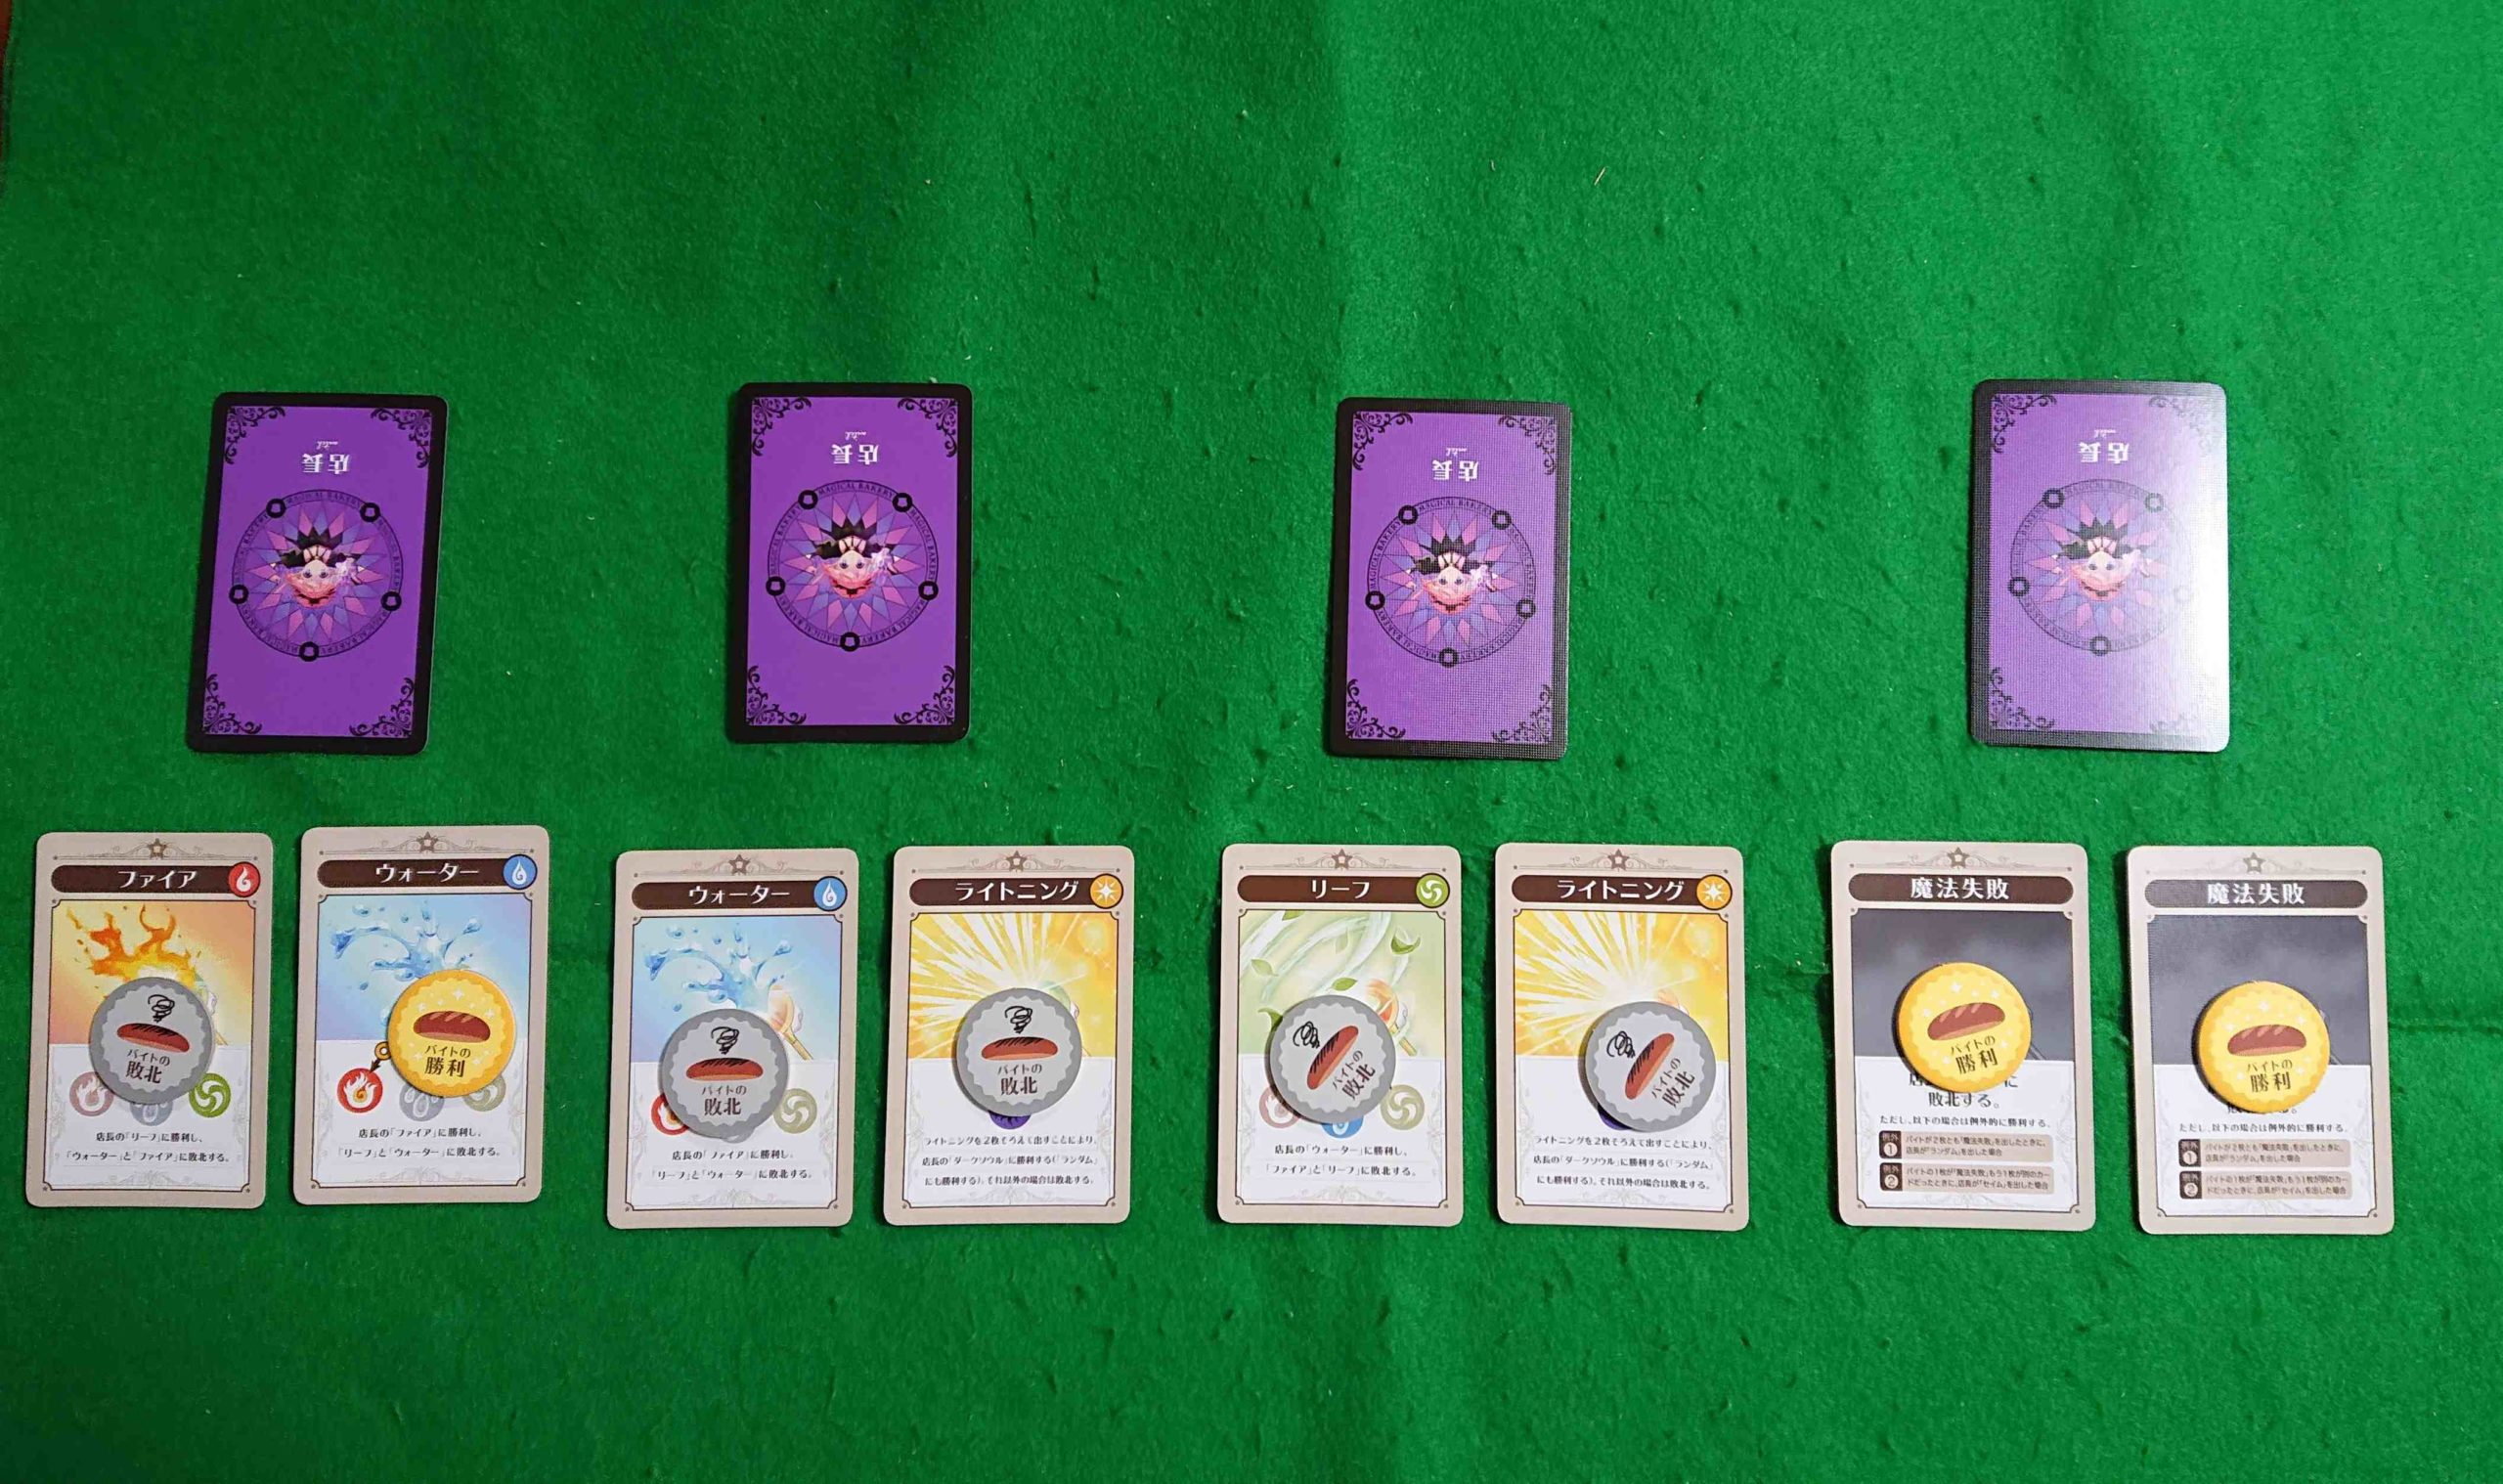 まじかるベーカリー叛逆の魔法少女 ルール&レビュー バイト代を賭けた戦いが始まる! 推理・心理戦 ボードゲーム